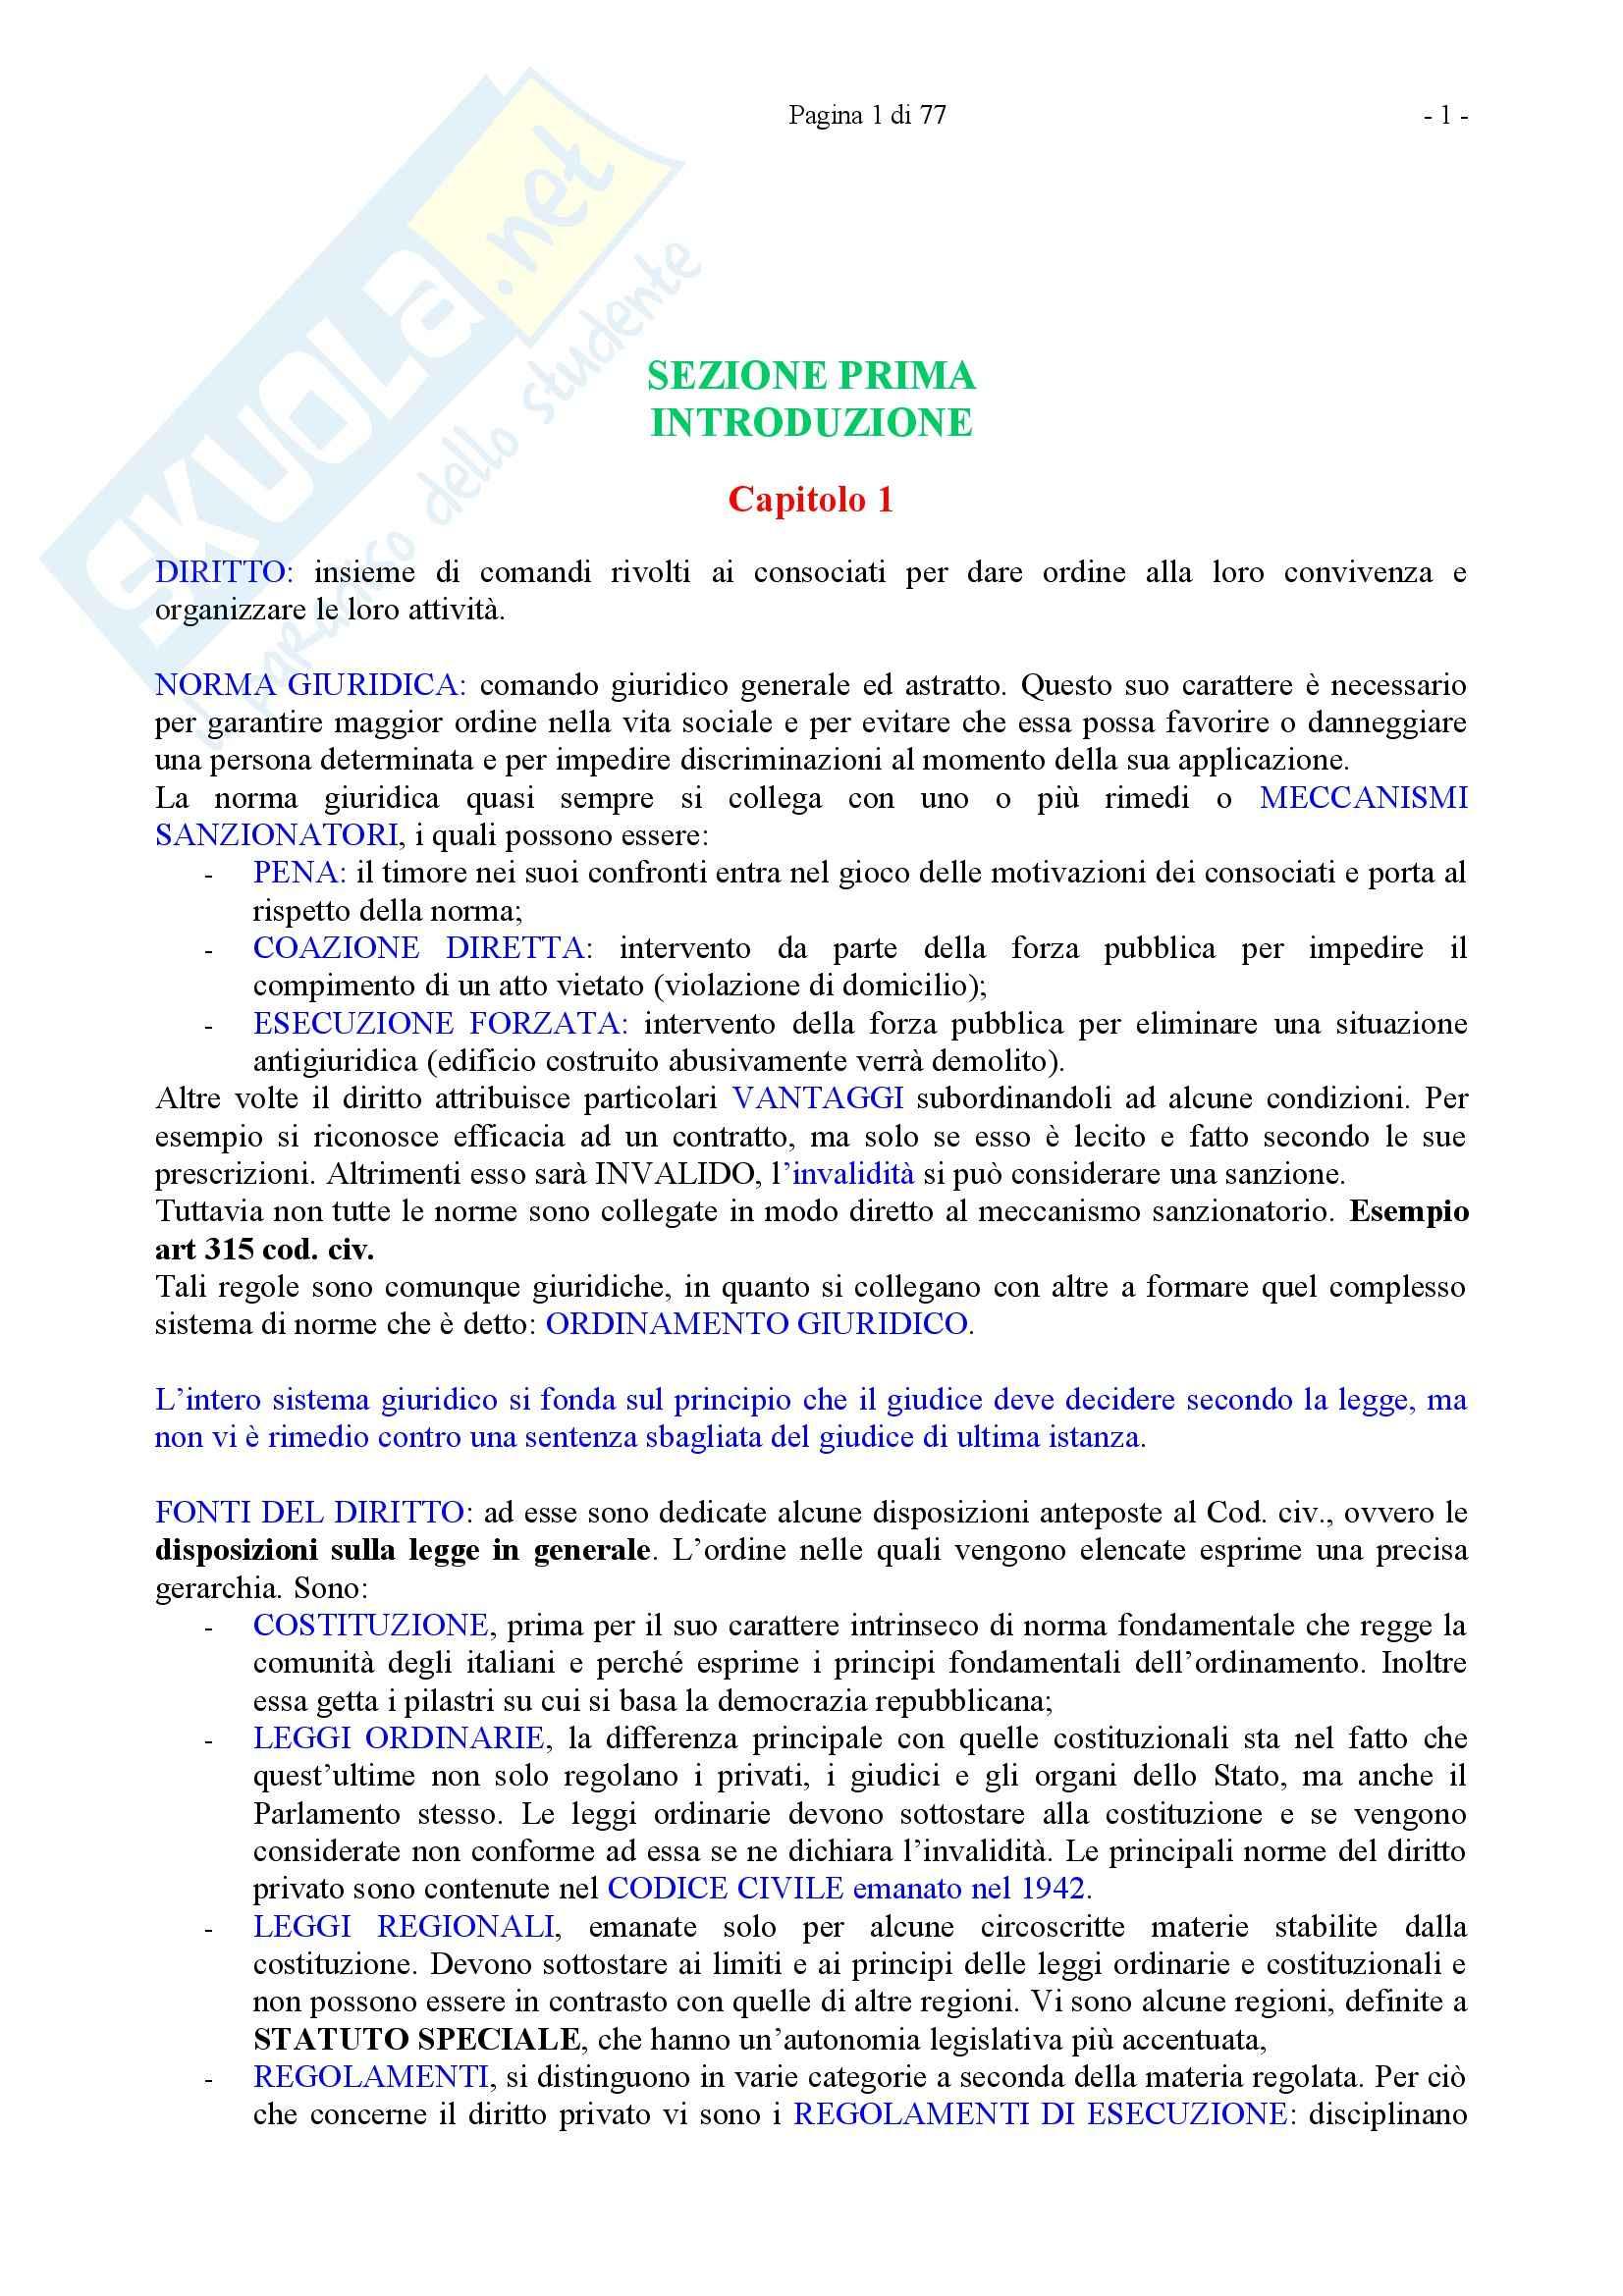 Riassunto esame Diritto Privato, prof. Caricato, libro consigliato Diritto Privato, Trimarchi